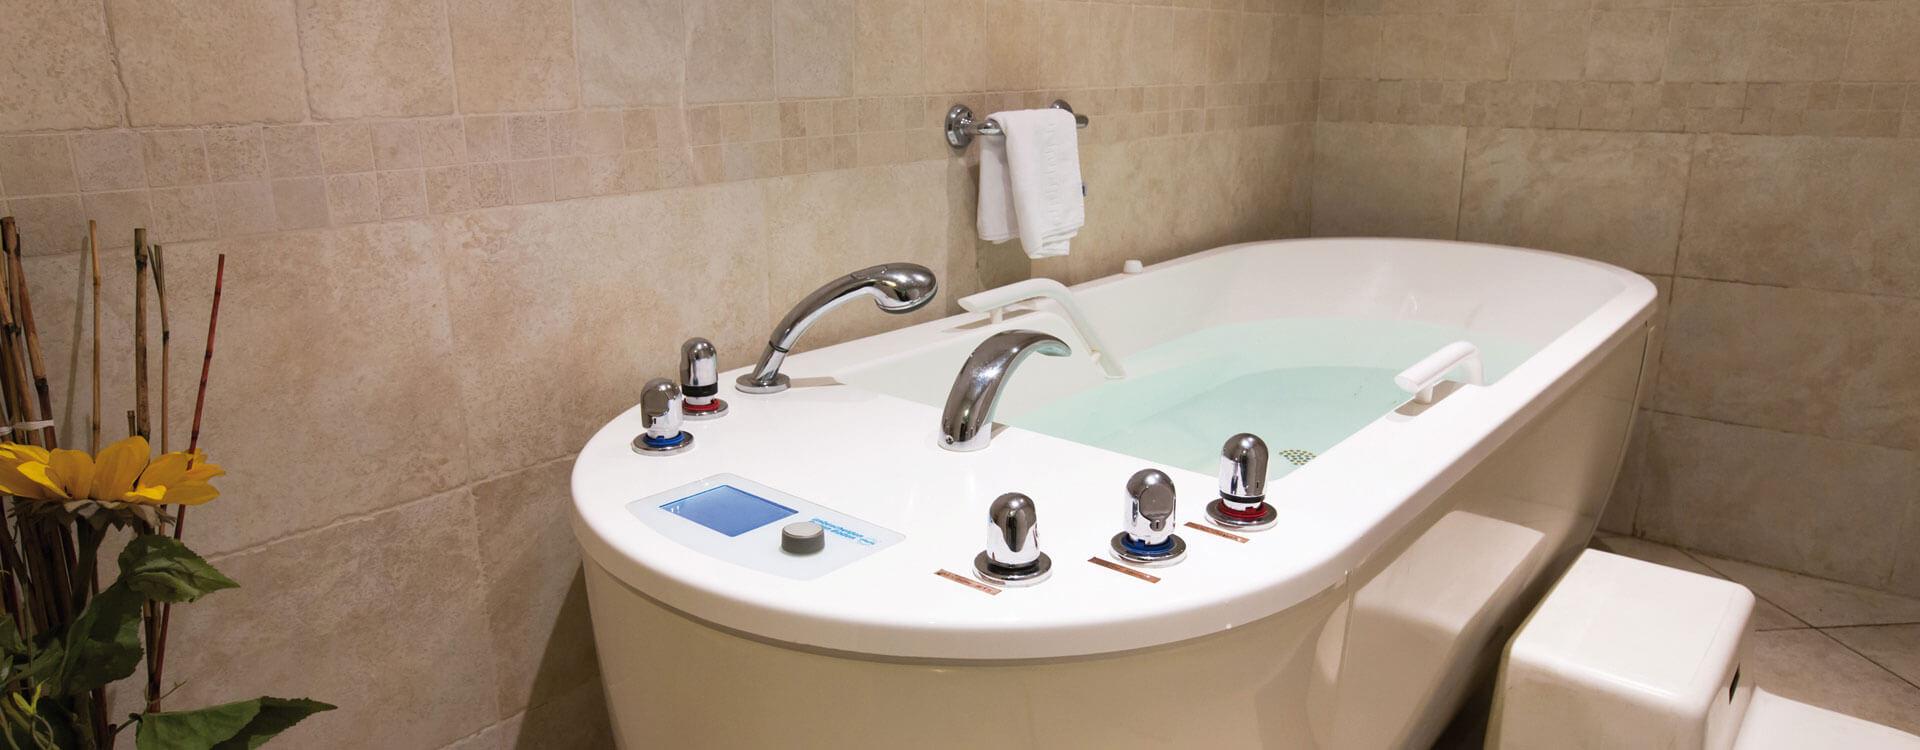 Spa - Hôtel & spa*** La Villa Marlioz à Aix-les-Bains